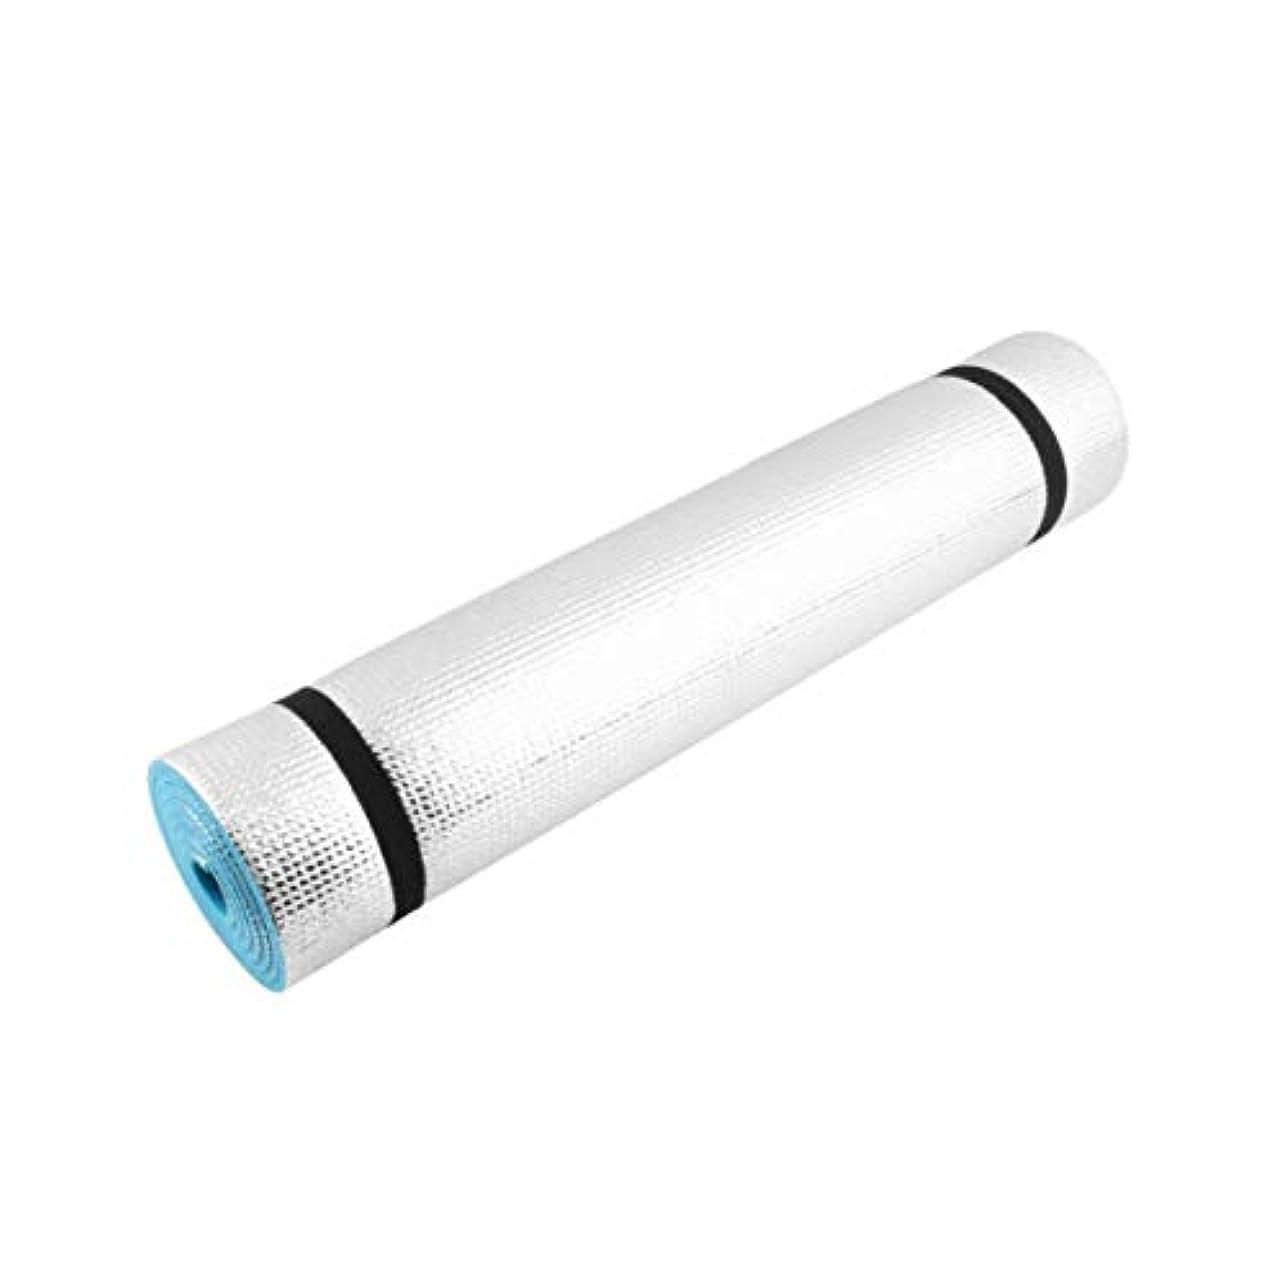 習熟度水を飲むレタス軽量180×60×0.6センチメートルマット洗える運動フィットネスパッド折りたたみフロアプレイクッションユニバーサルキャンプマット -